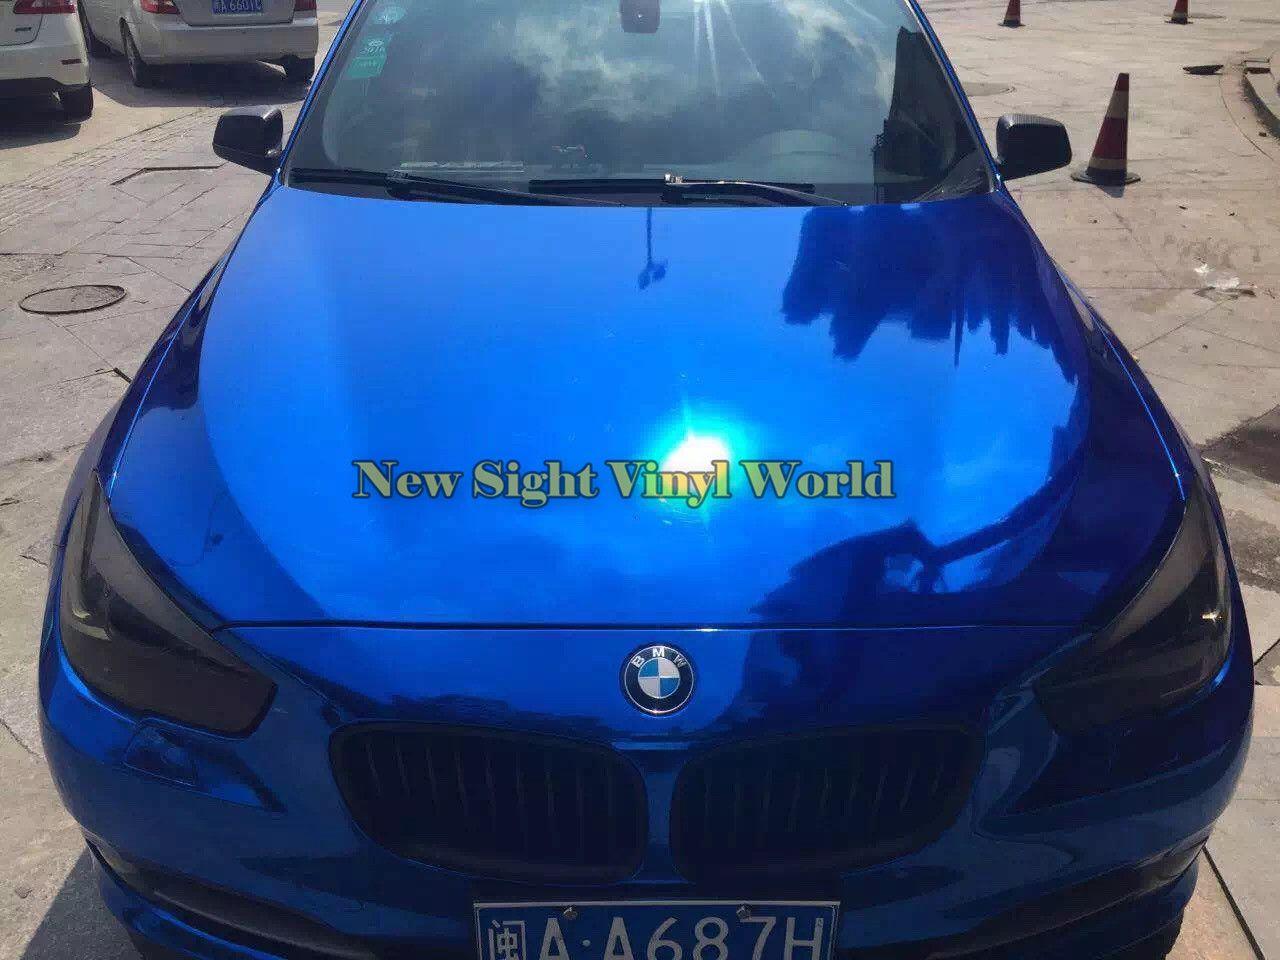 Beste Qualität dehnbar hochglänzend Chrom Spiegel blau Vinyl Wrap für Car Wrapping Folie blasenfrei